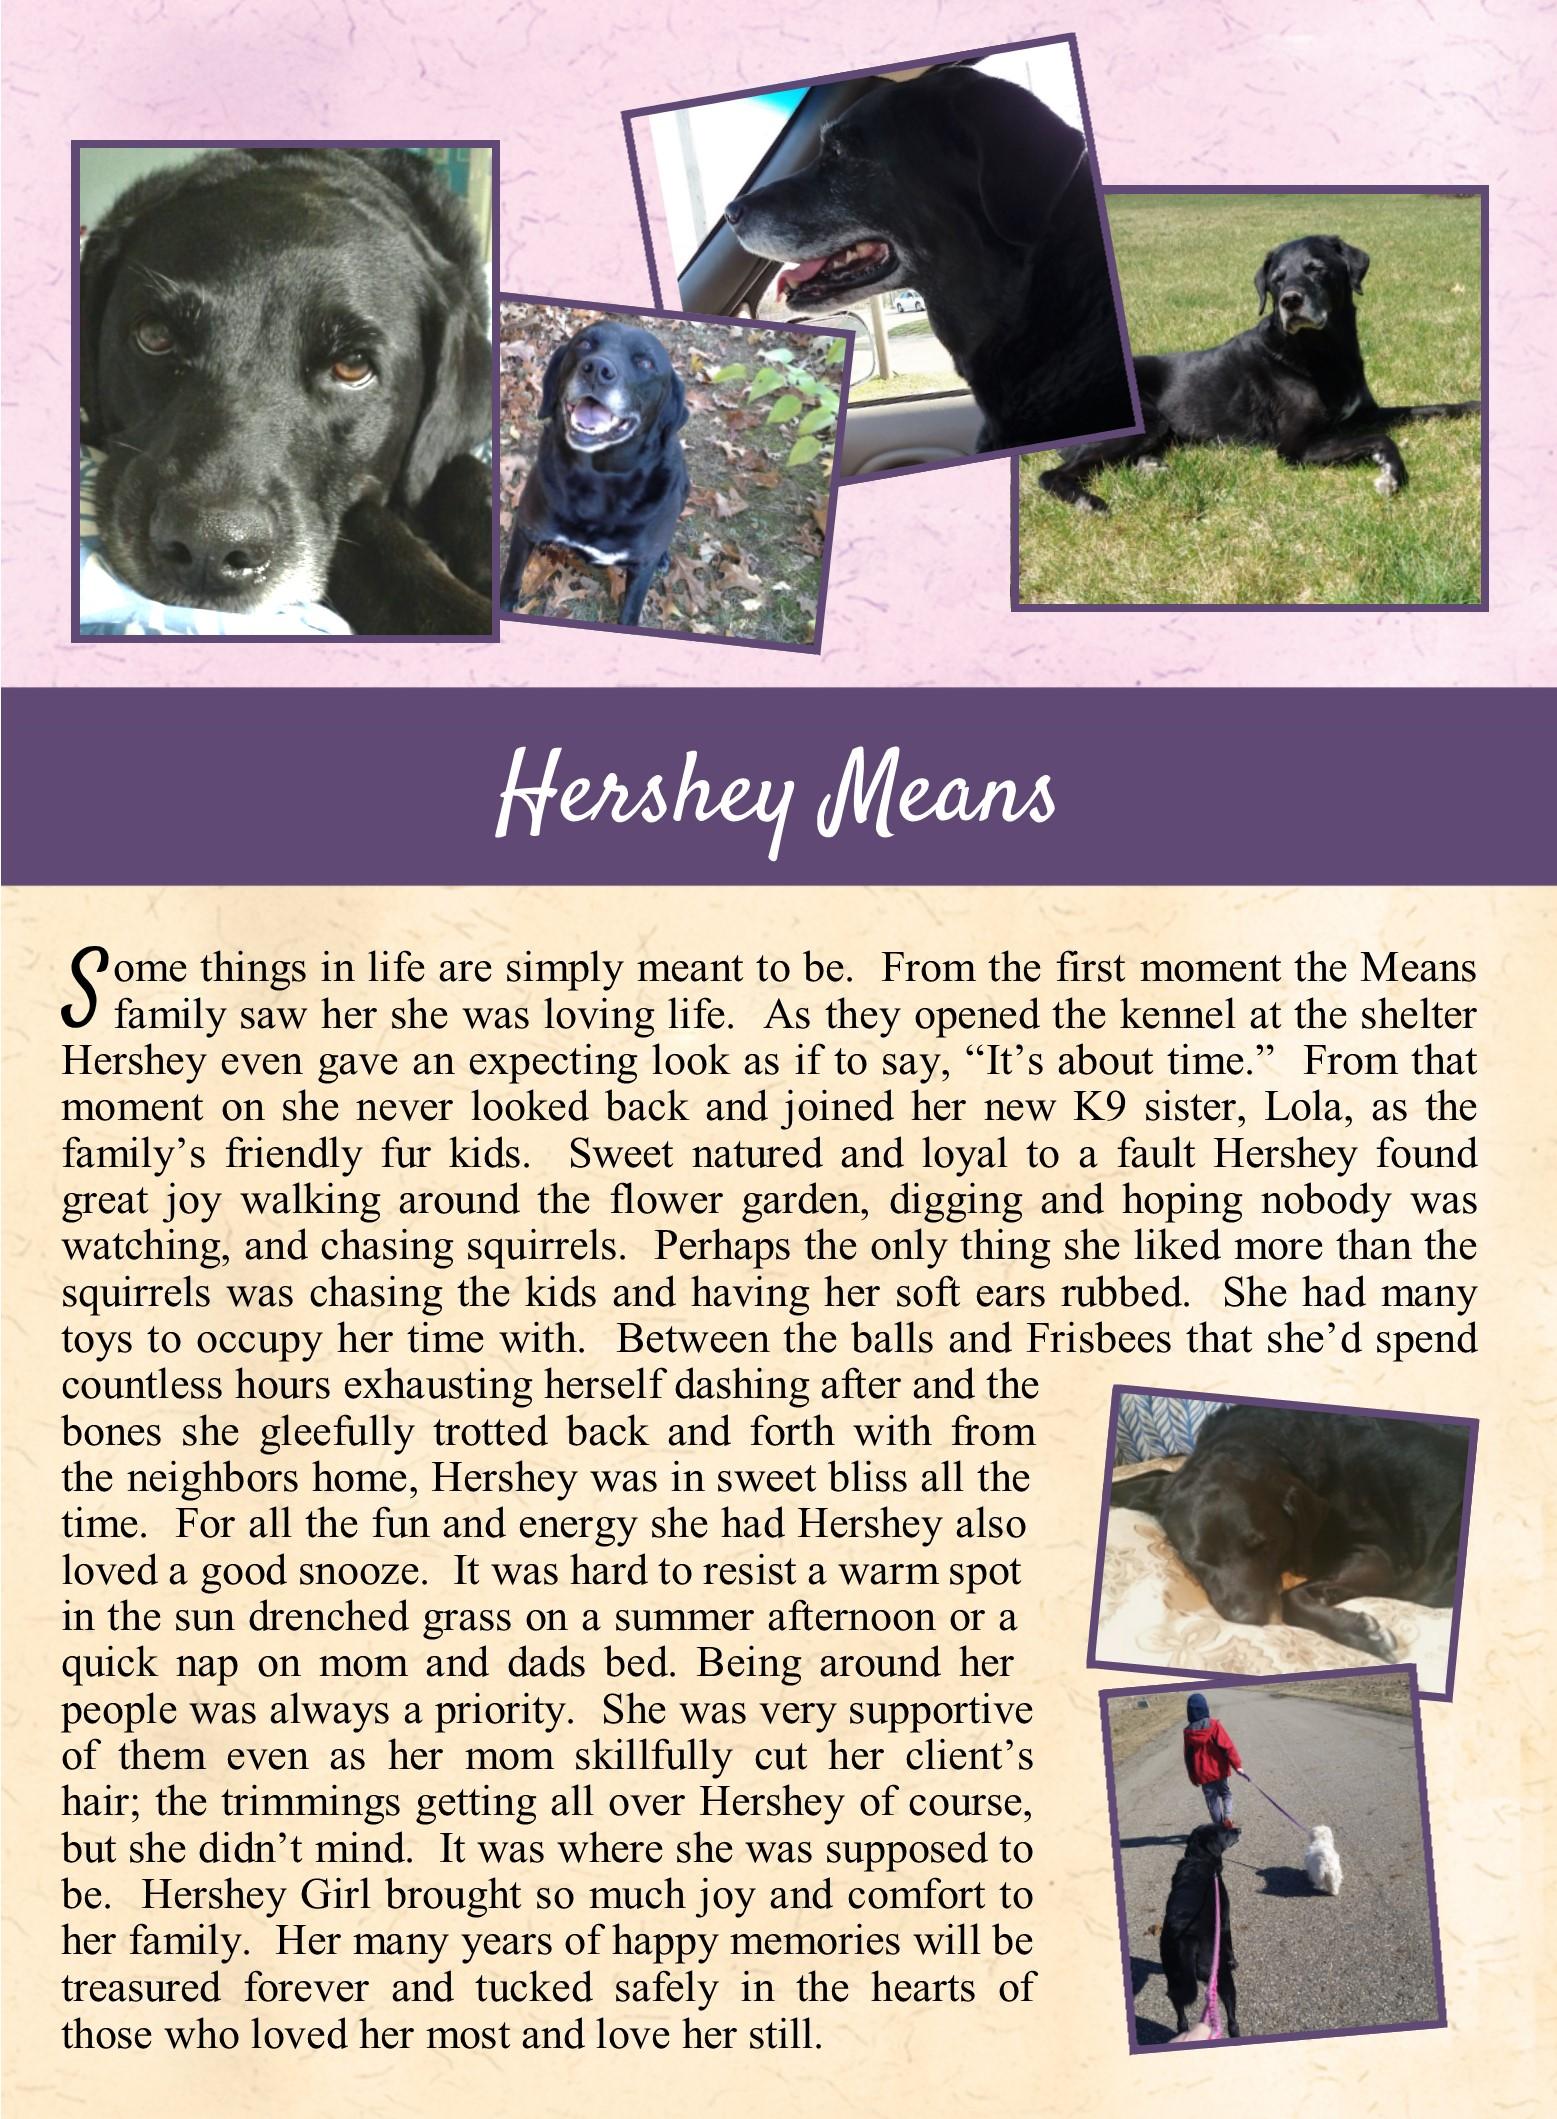 Hershey Means 2018-07-02.jpg